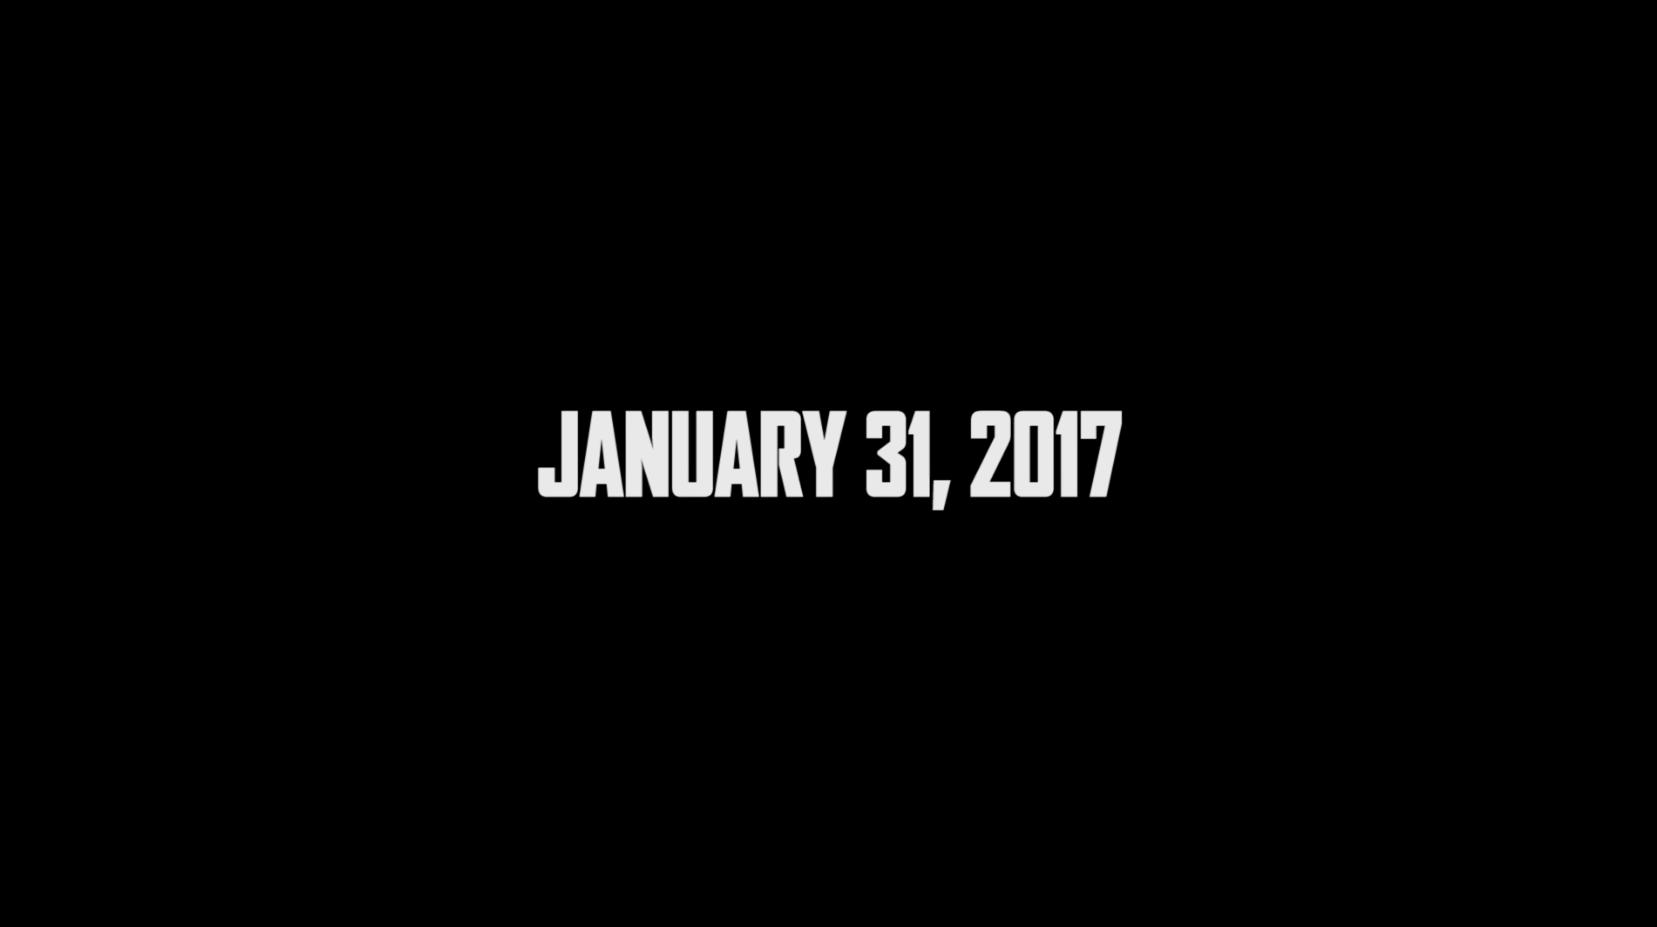 Screen Shot 2017-01-31 at 10.16.11 AM